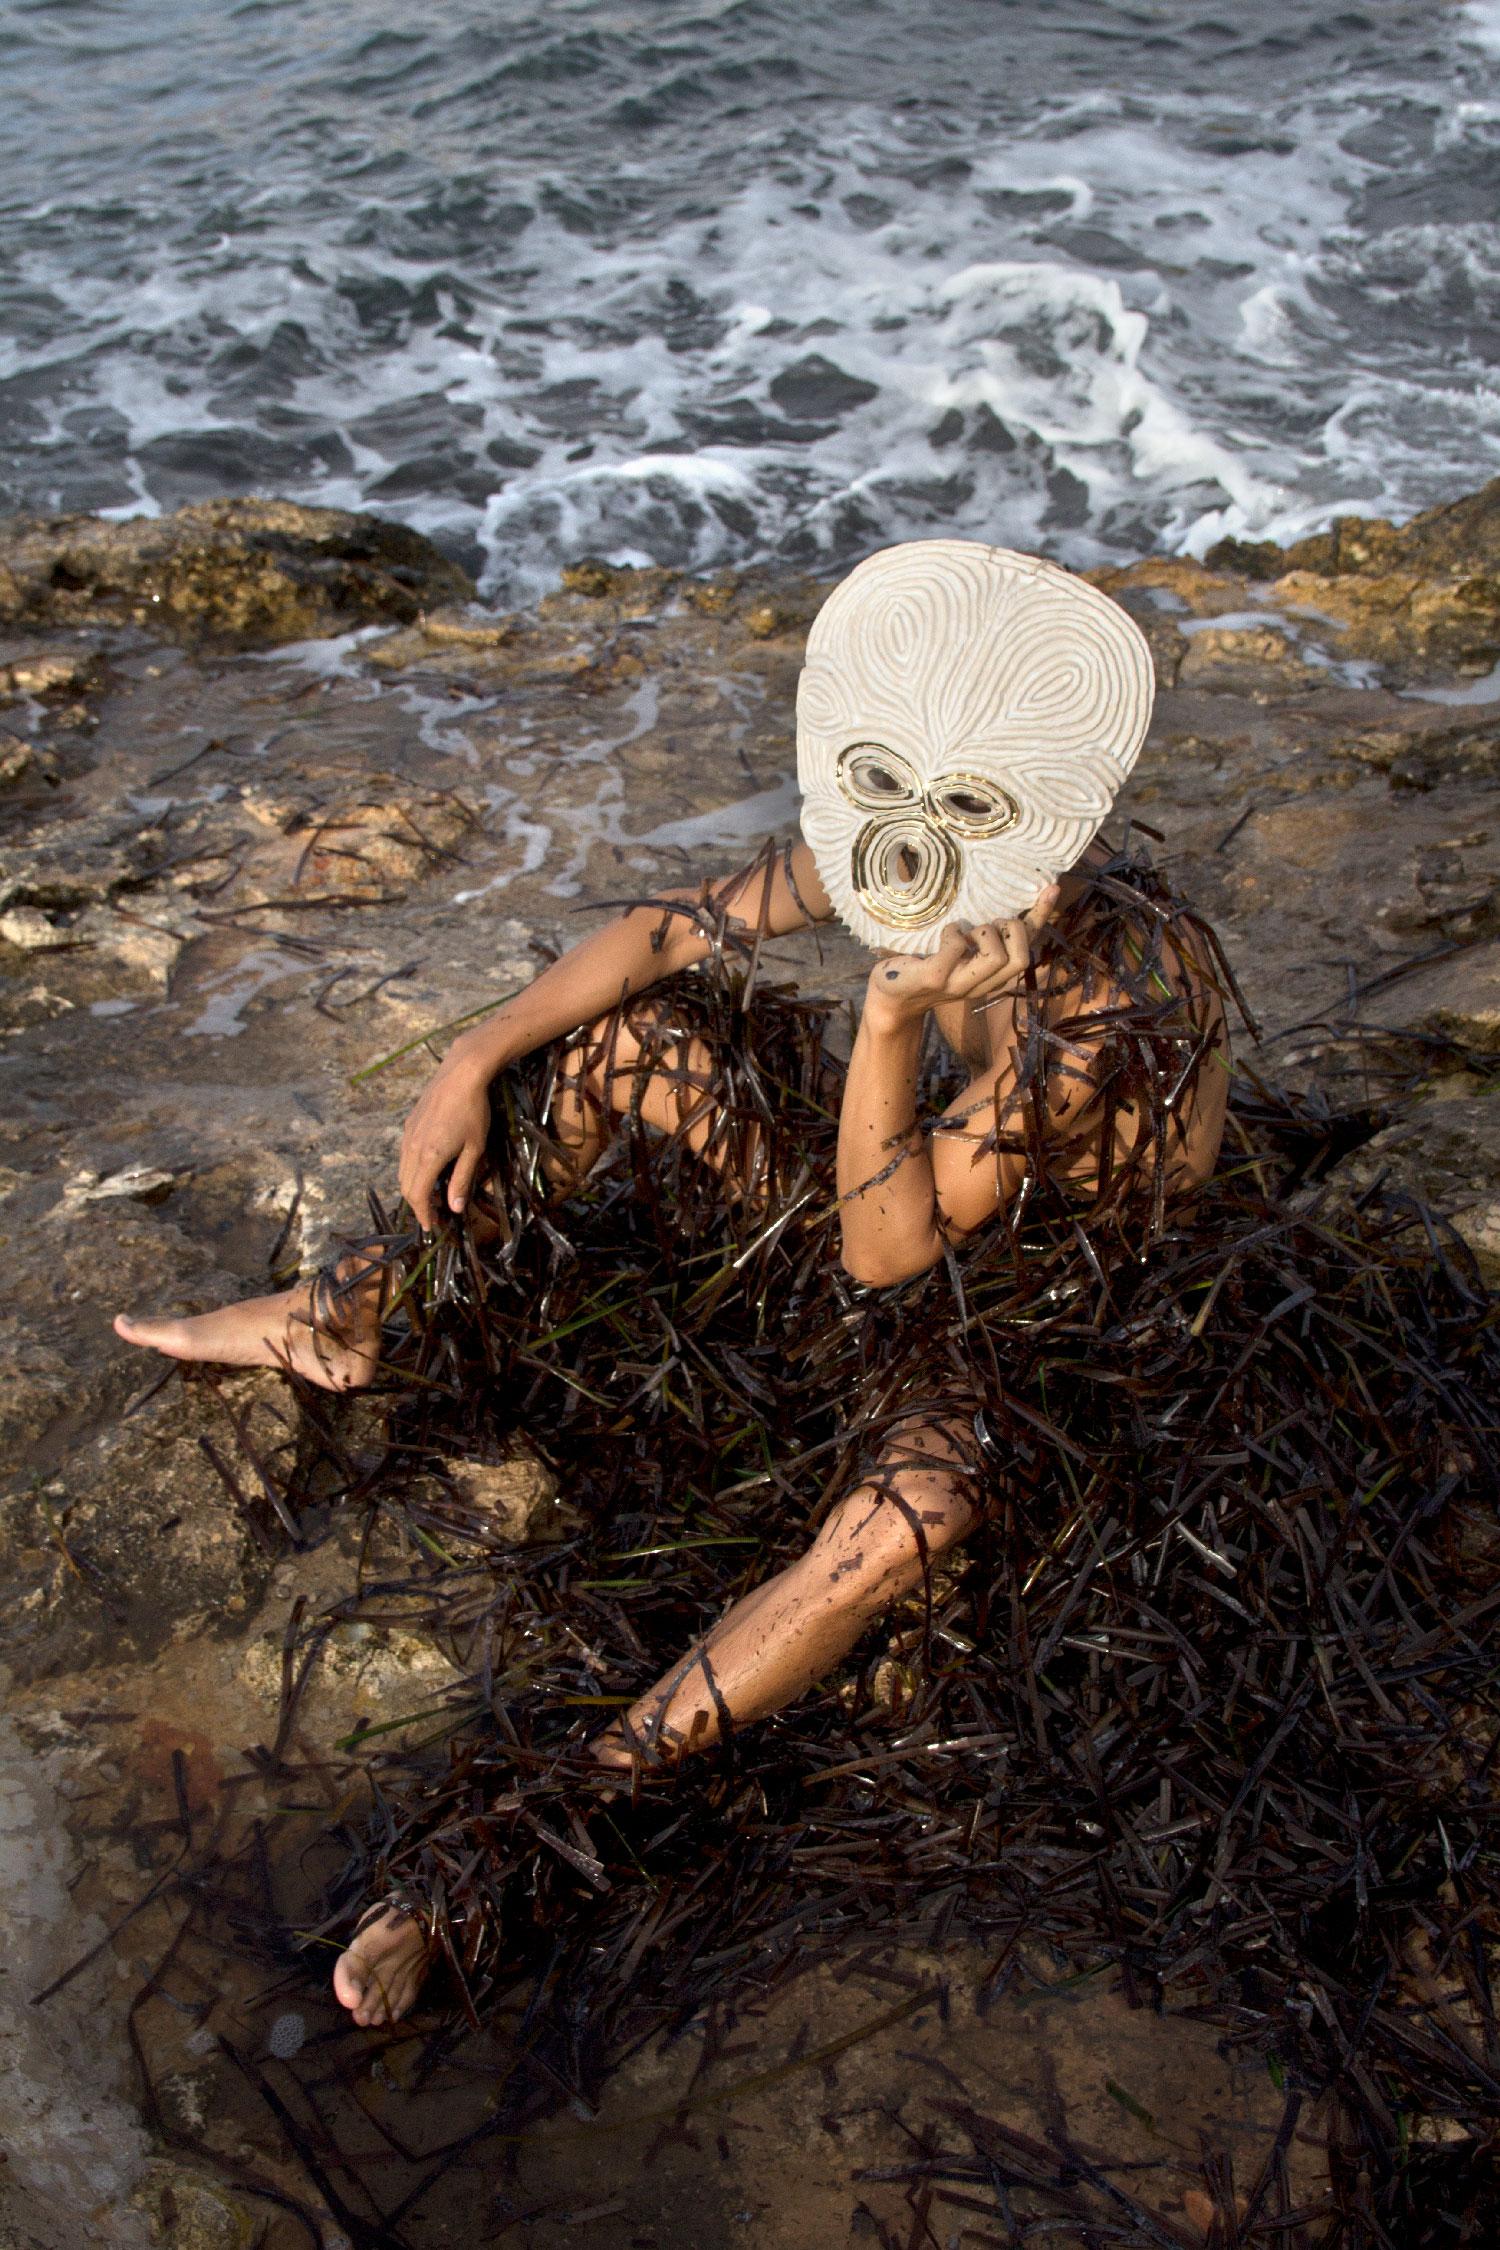 7235_elviragolombosi_masks.jpg